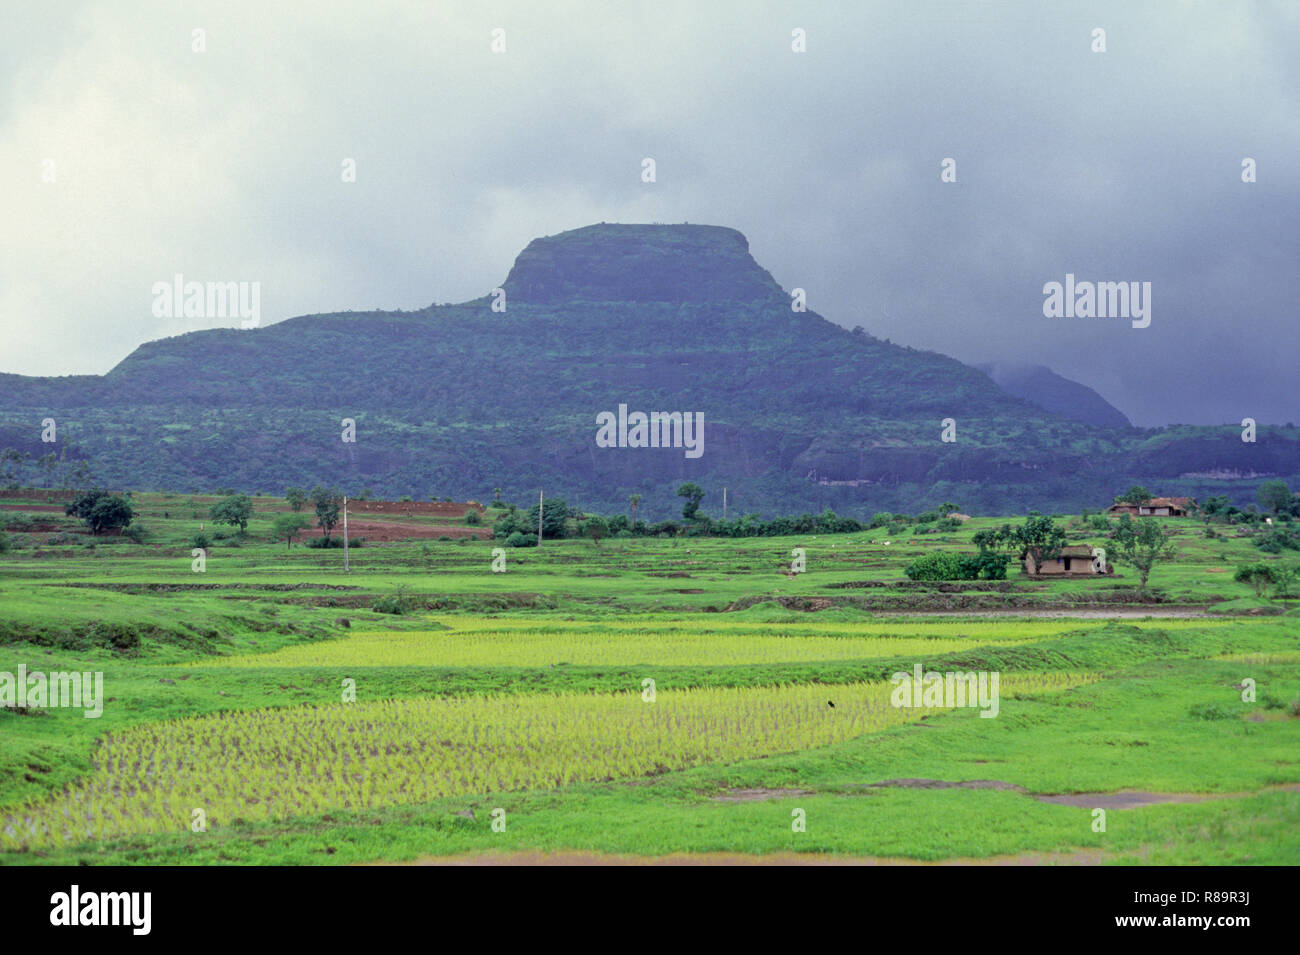 Greenery, malshej, maharashtra, india - Stock Image